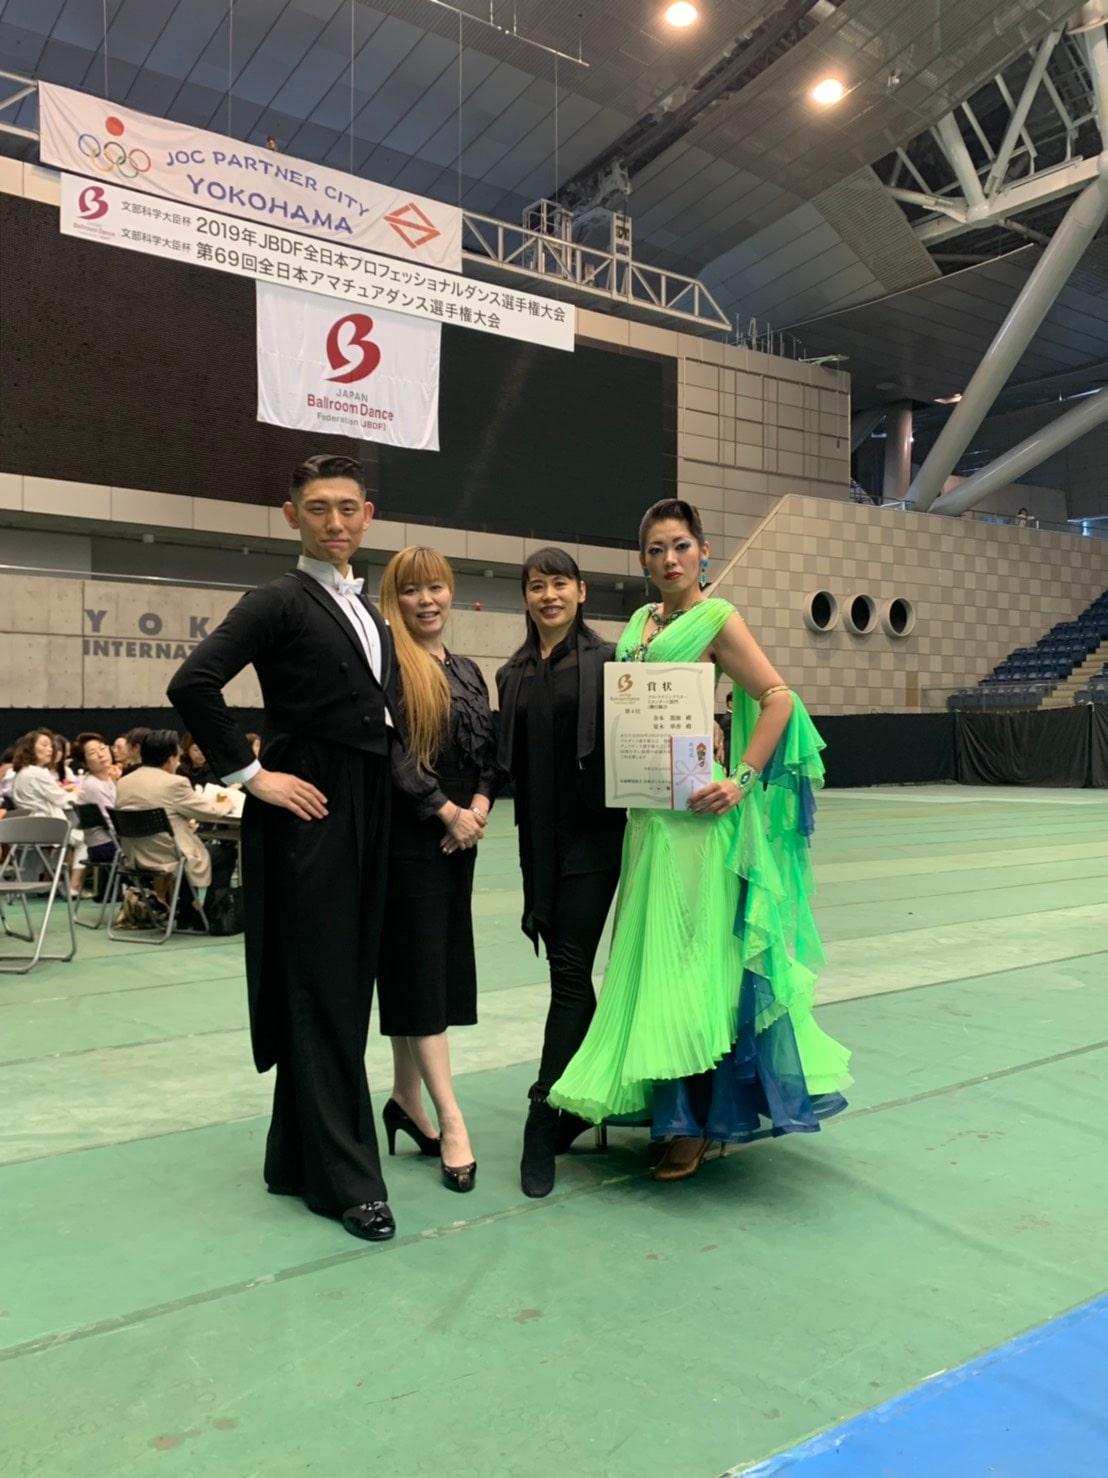 2019年|JBDF|全日本プロフェッショナルダンス選手権大会|プロライジングスタンダード|入賞